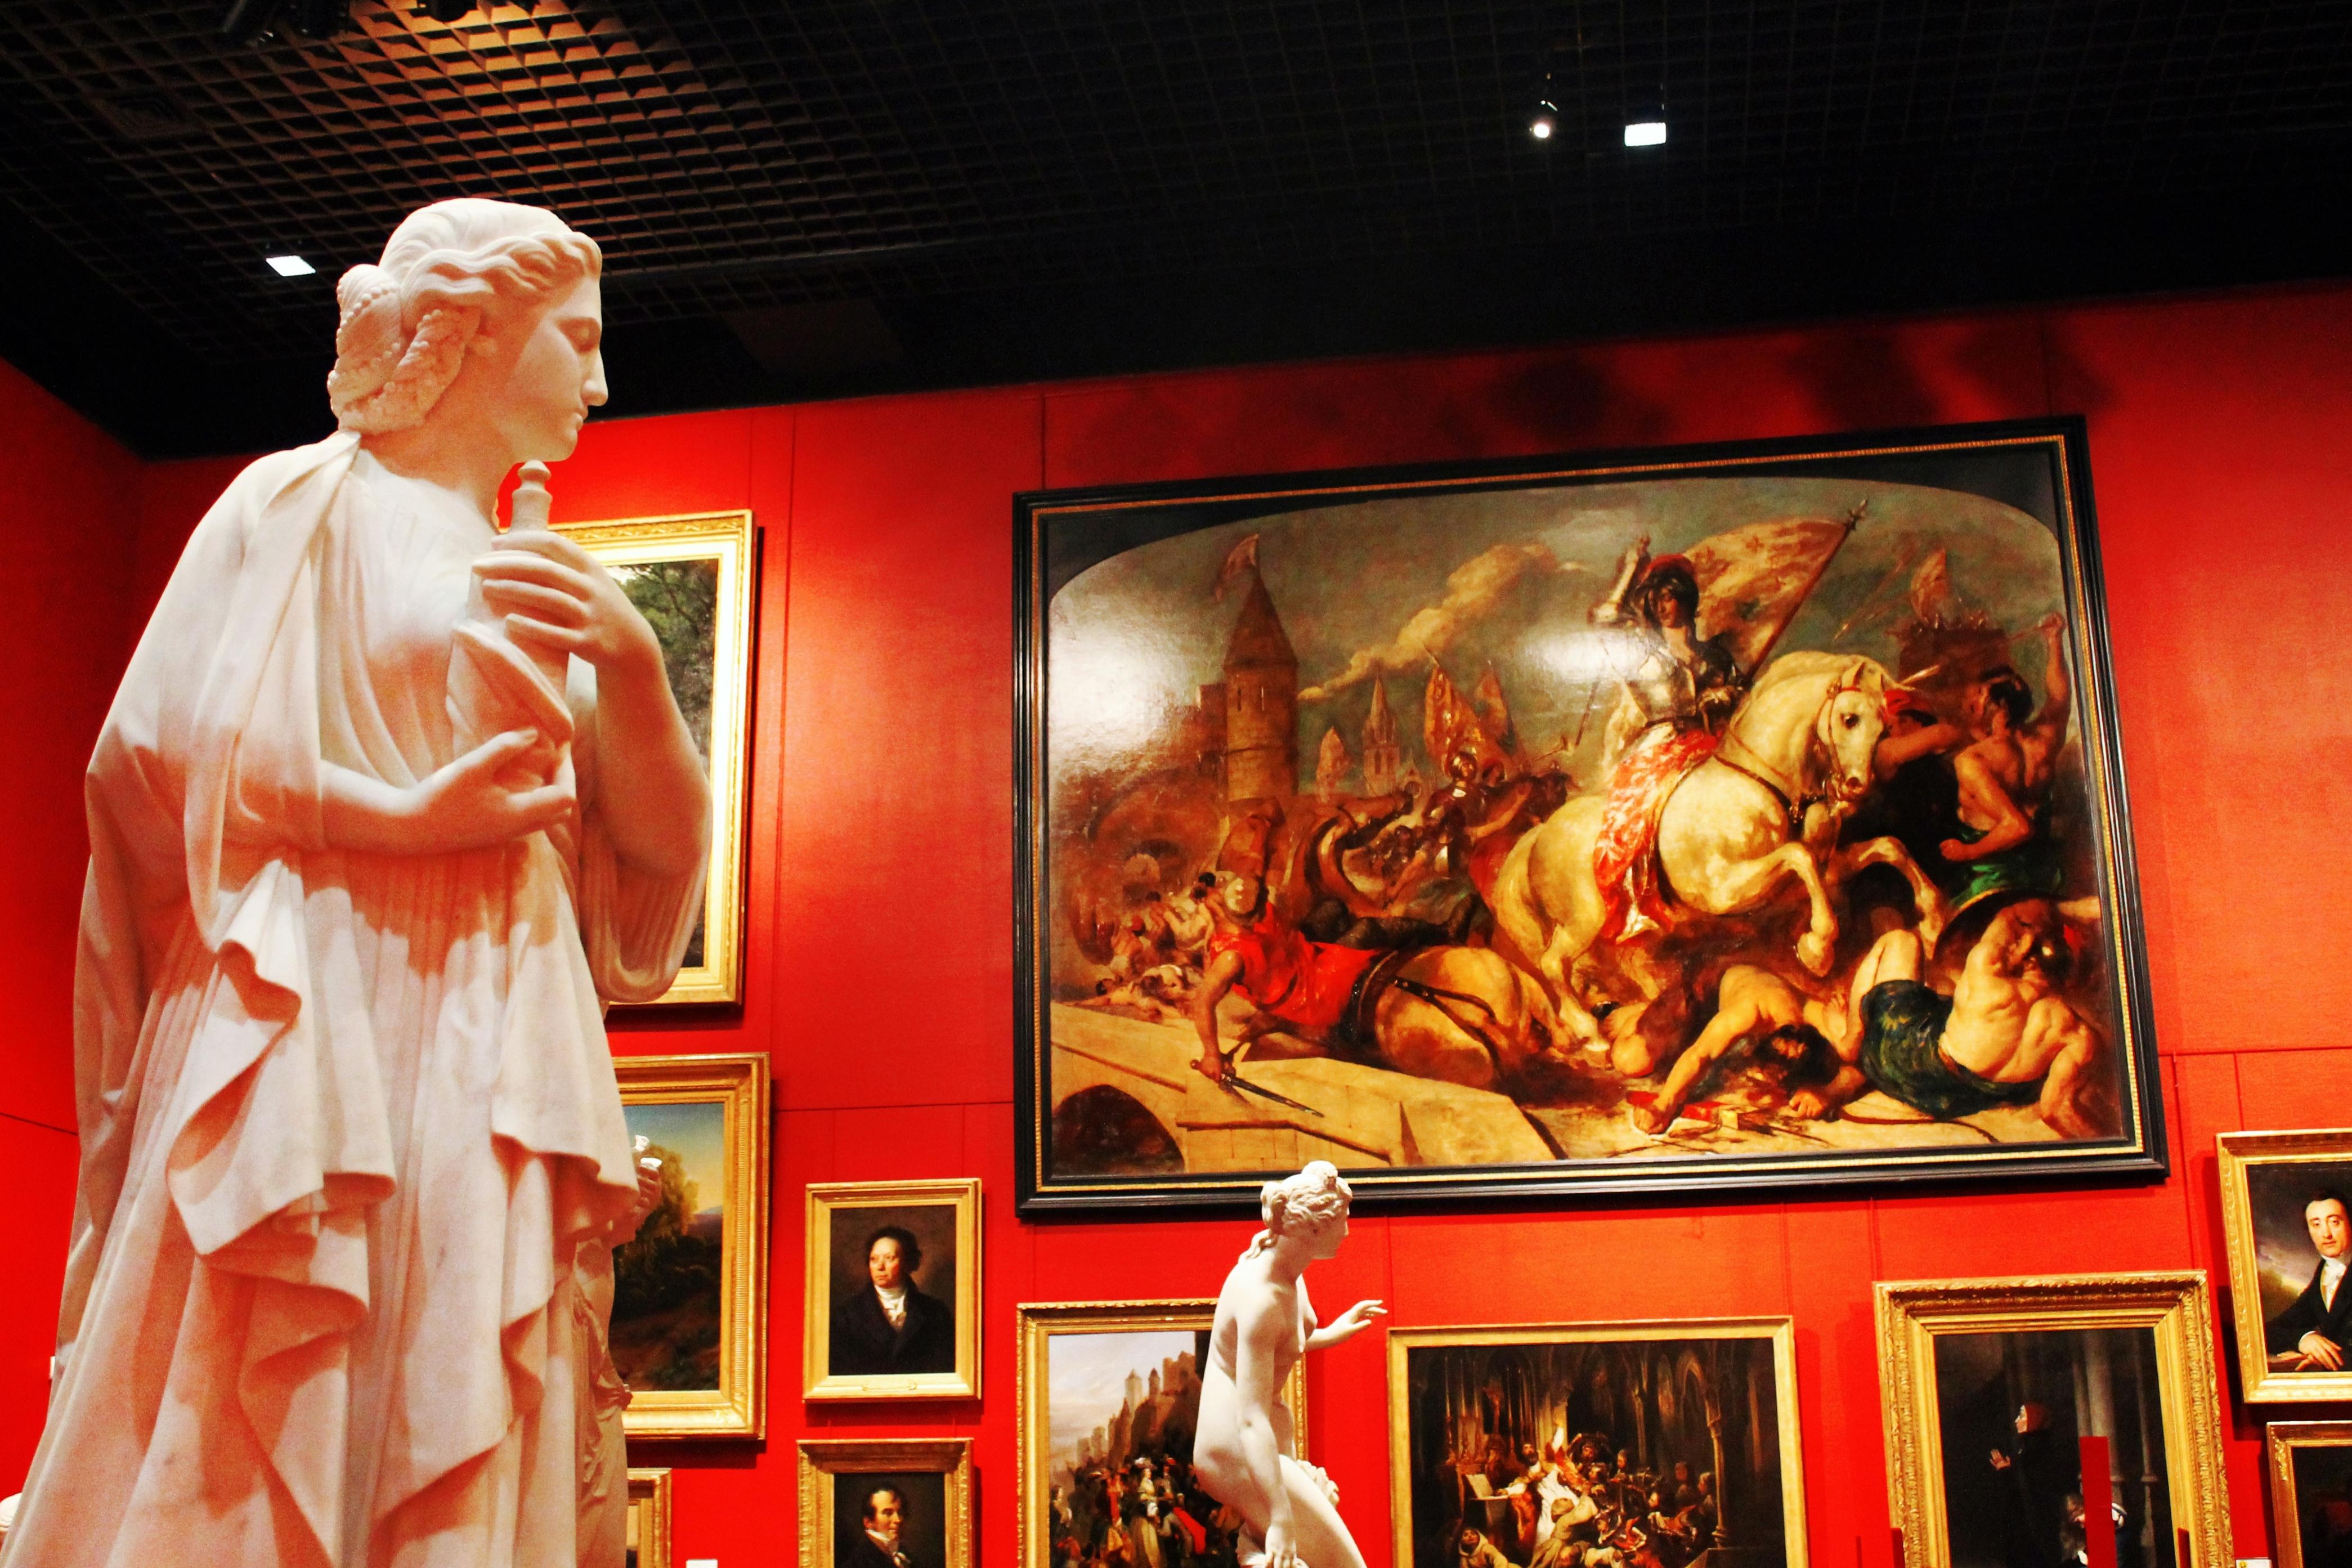 Drawing Dreaming - guia de visita de Orléans, Loire - Musée des Beaux-Arts